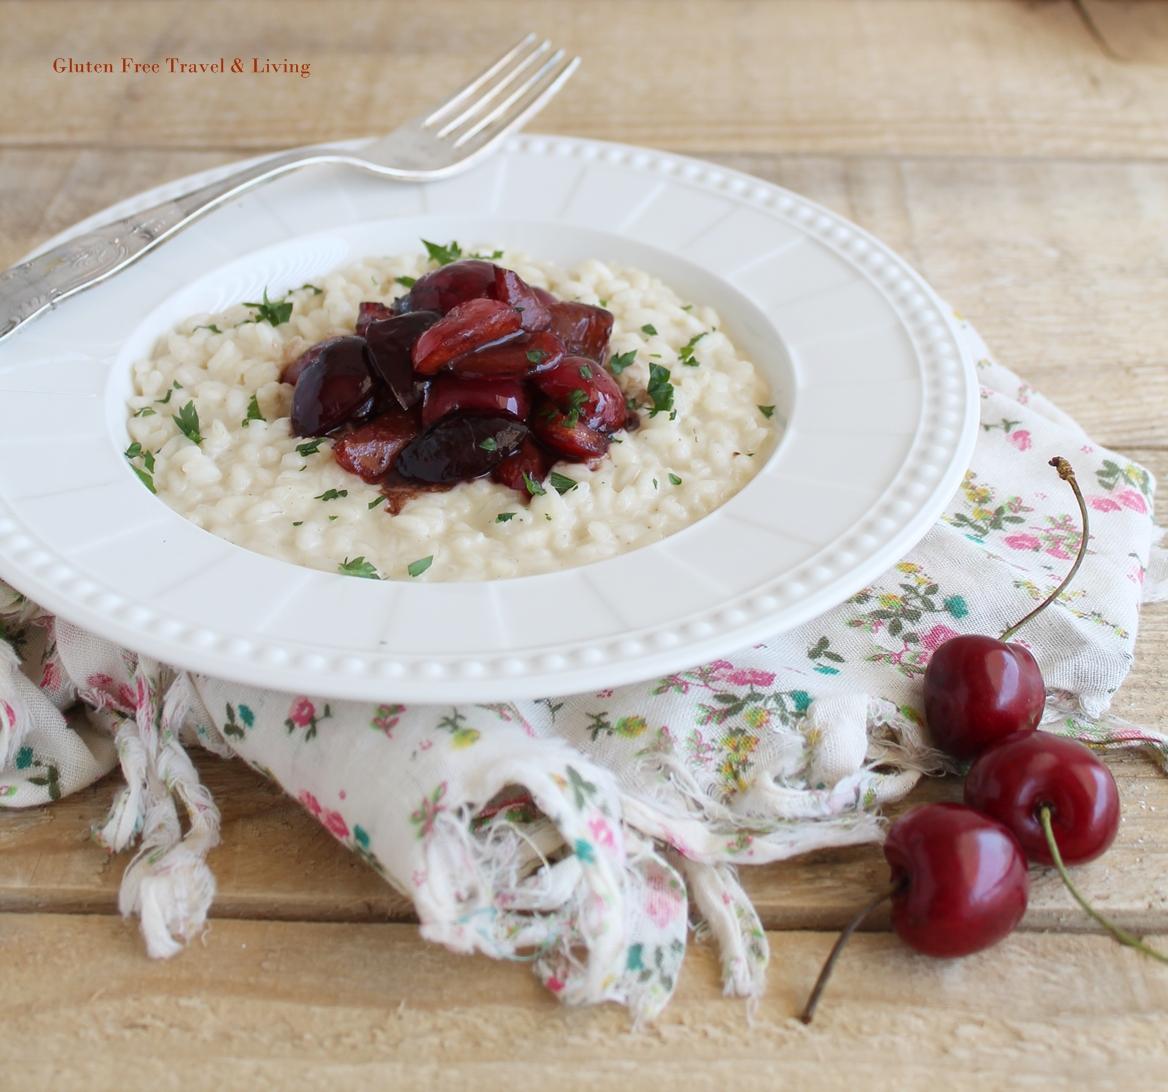 Risotto con ciliegie e robiola senza glutine - Gluten Free Travel and Living